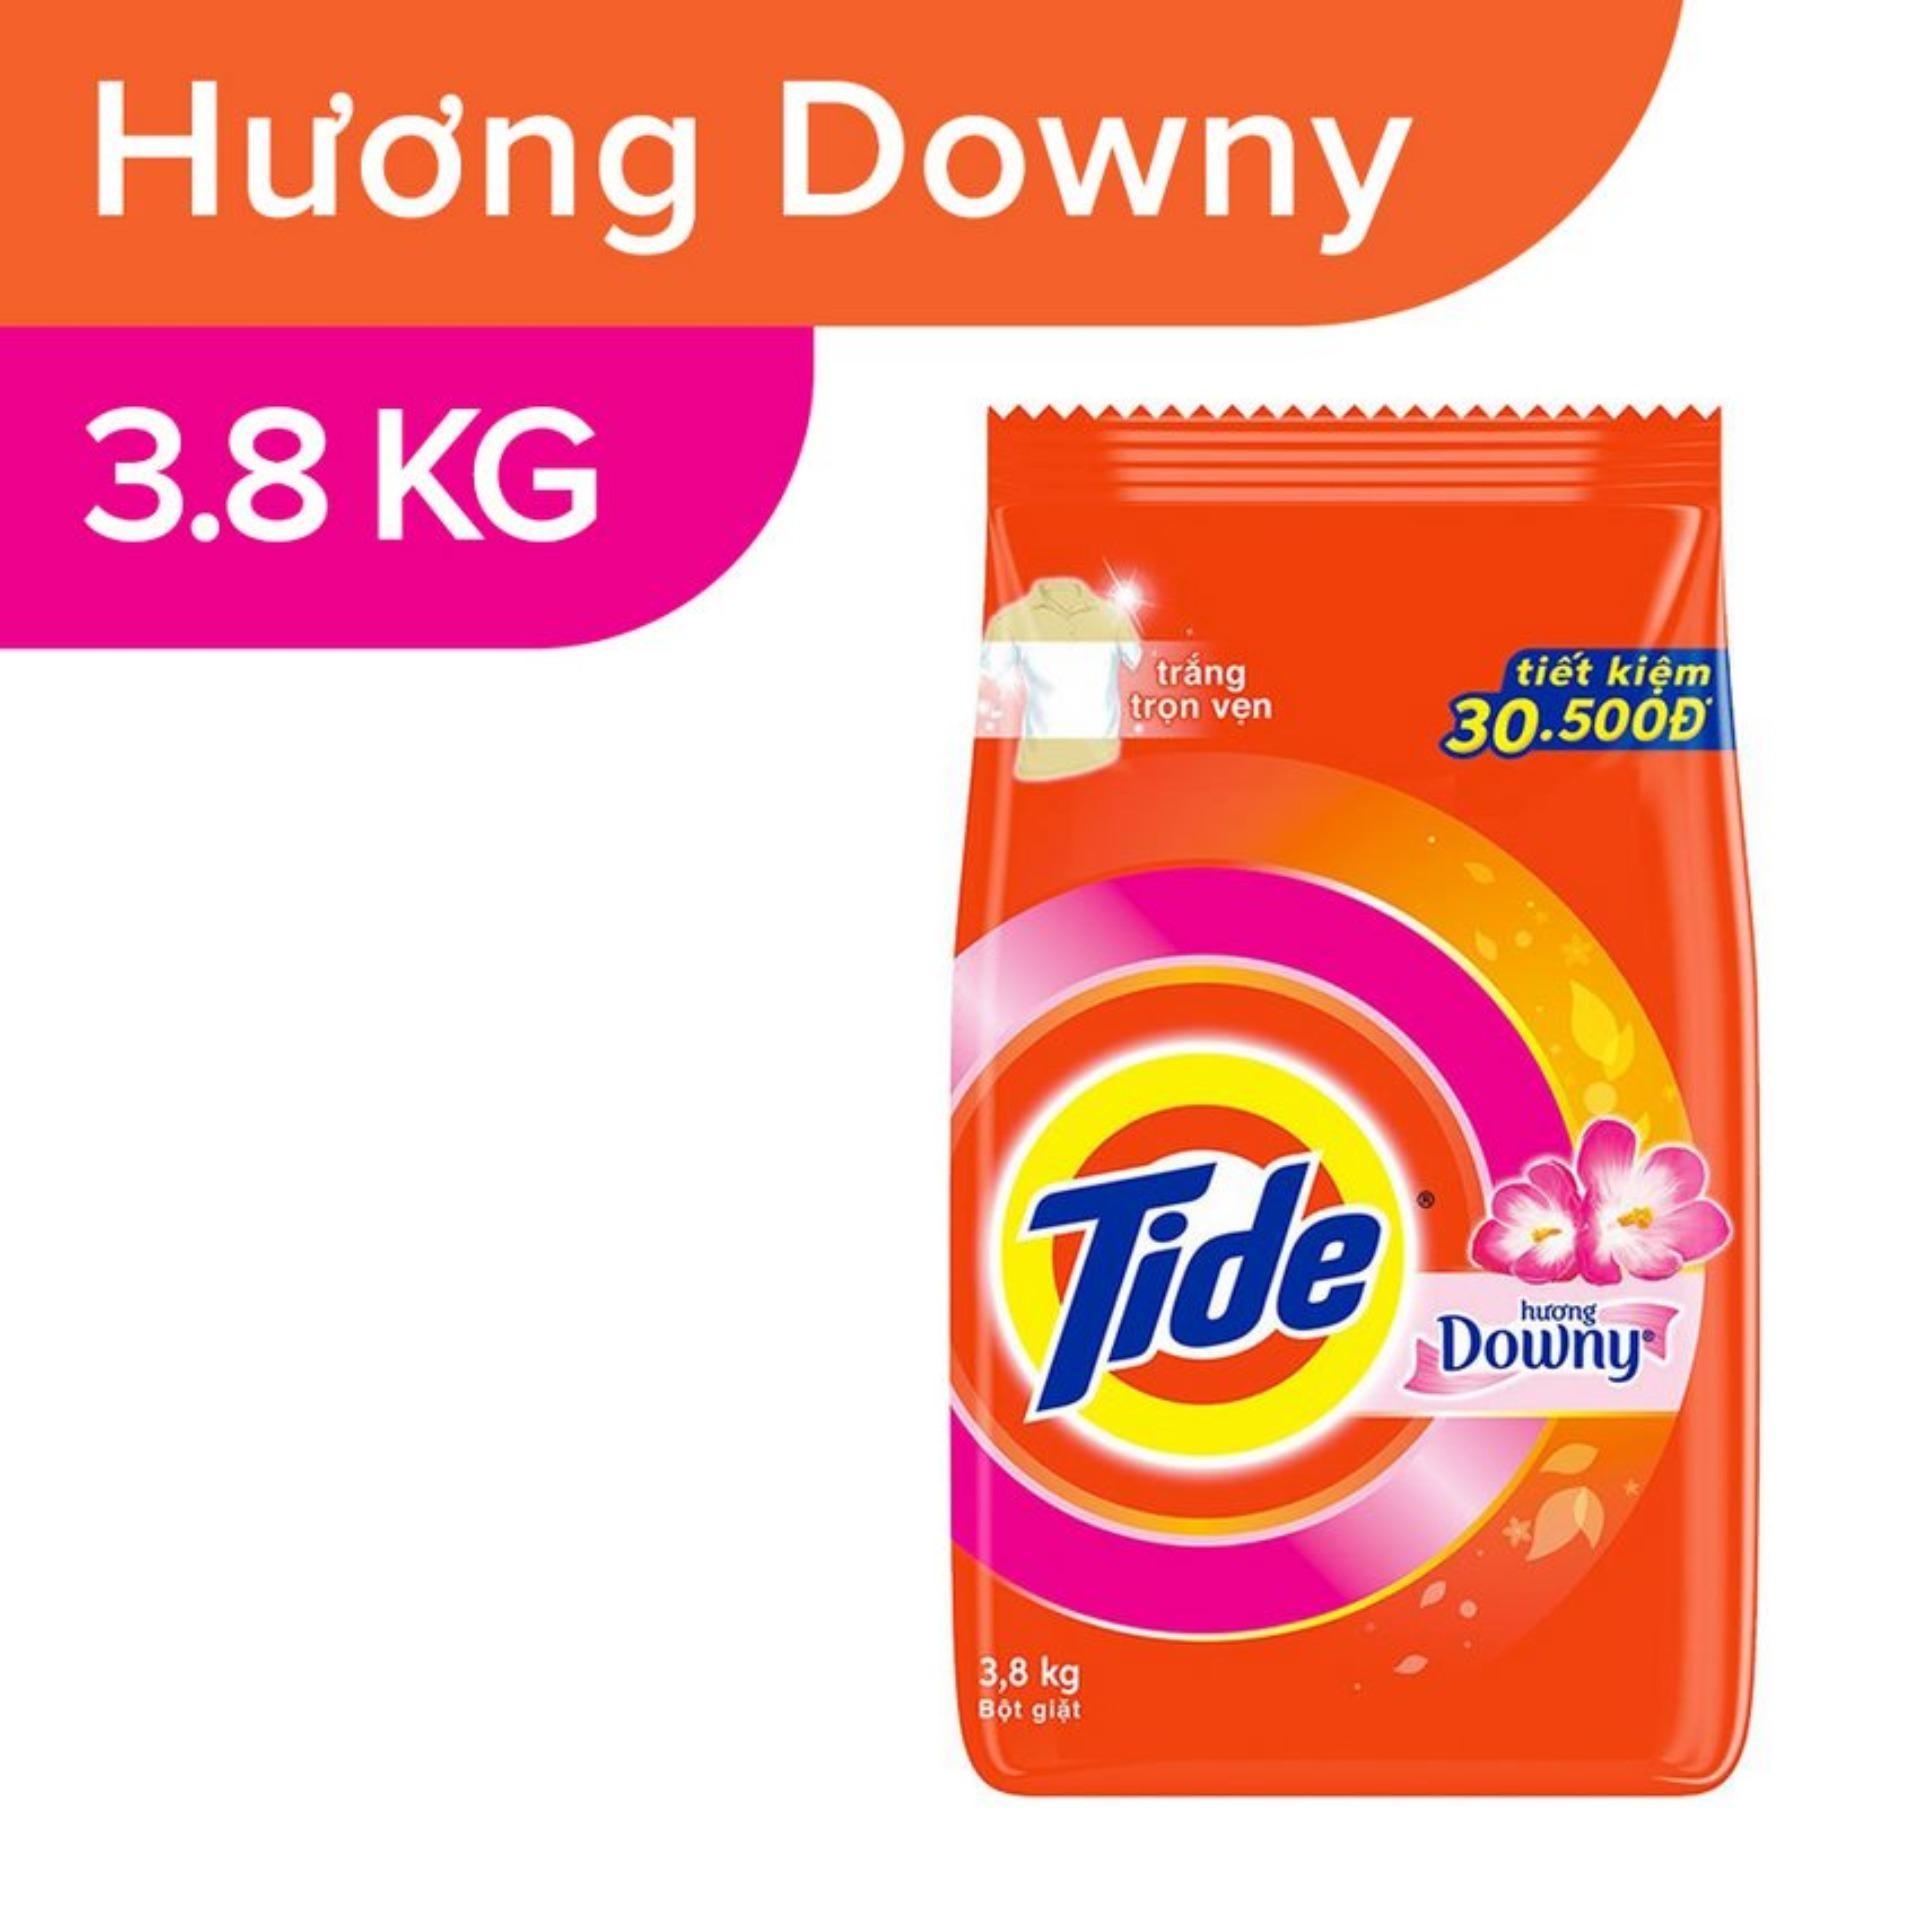 Bột Giặt Tide Hương Downy Túi 3.8KG - 4902430647250